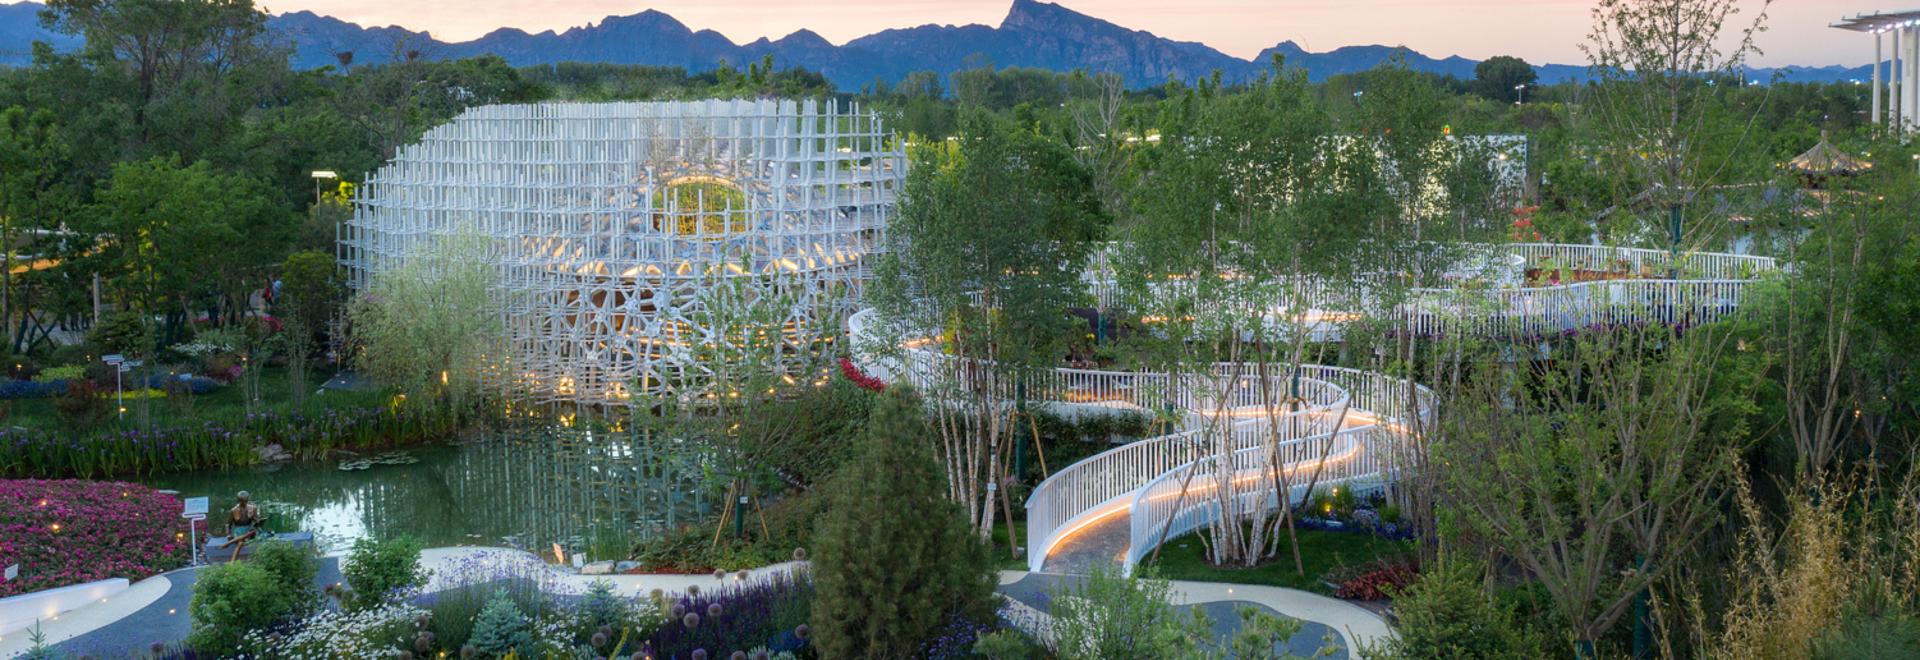 Shanghai Garden, die Beijing Horticultural Exhibition 2019 / Arcplus Architectural Decoration & Landscape Design Research Institute (Forschungsinstitut)